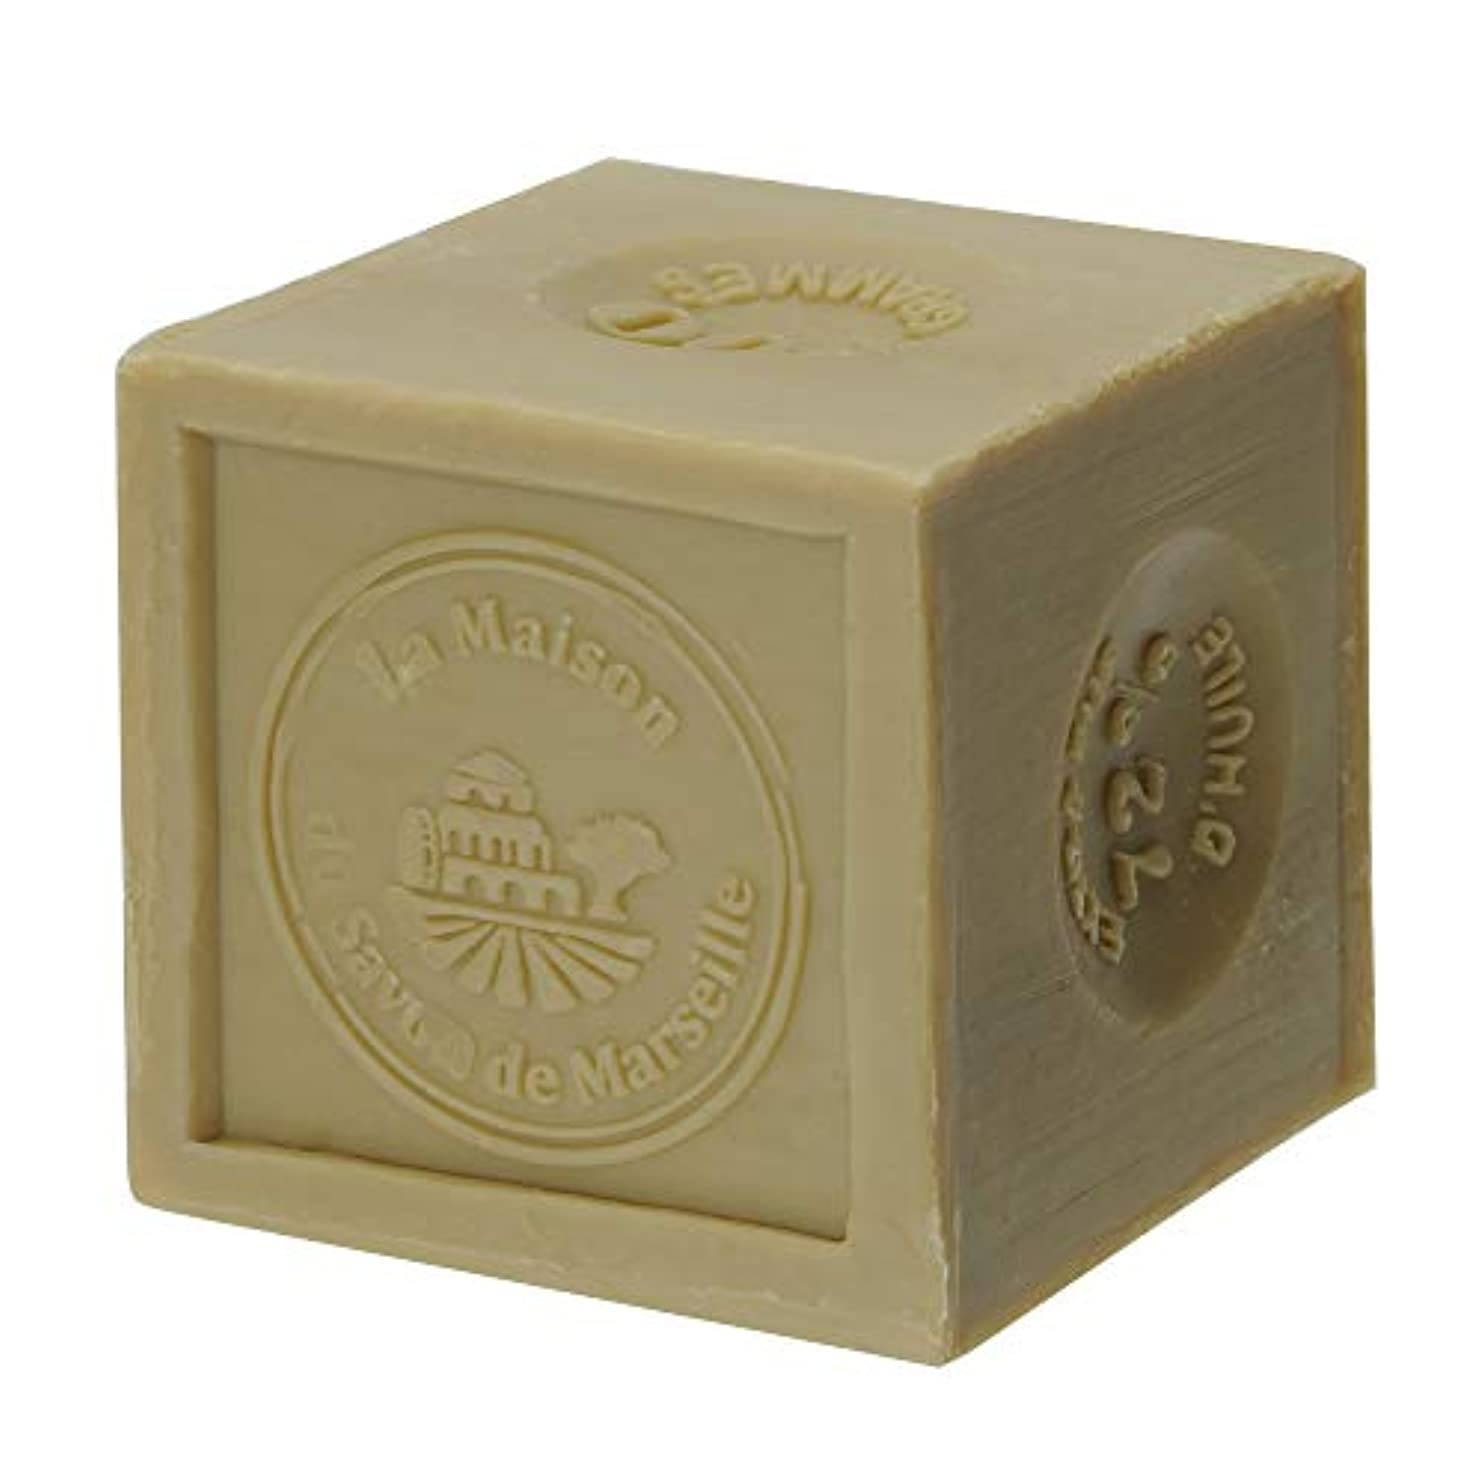 チート職業ズボンノルコーポレーション マルセイユ石鹸 オリーブ UPSM認証マーク付き 300g MLL-3-1